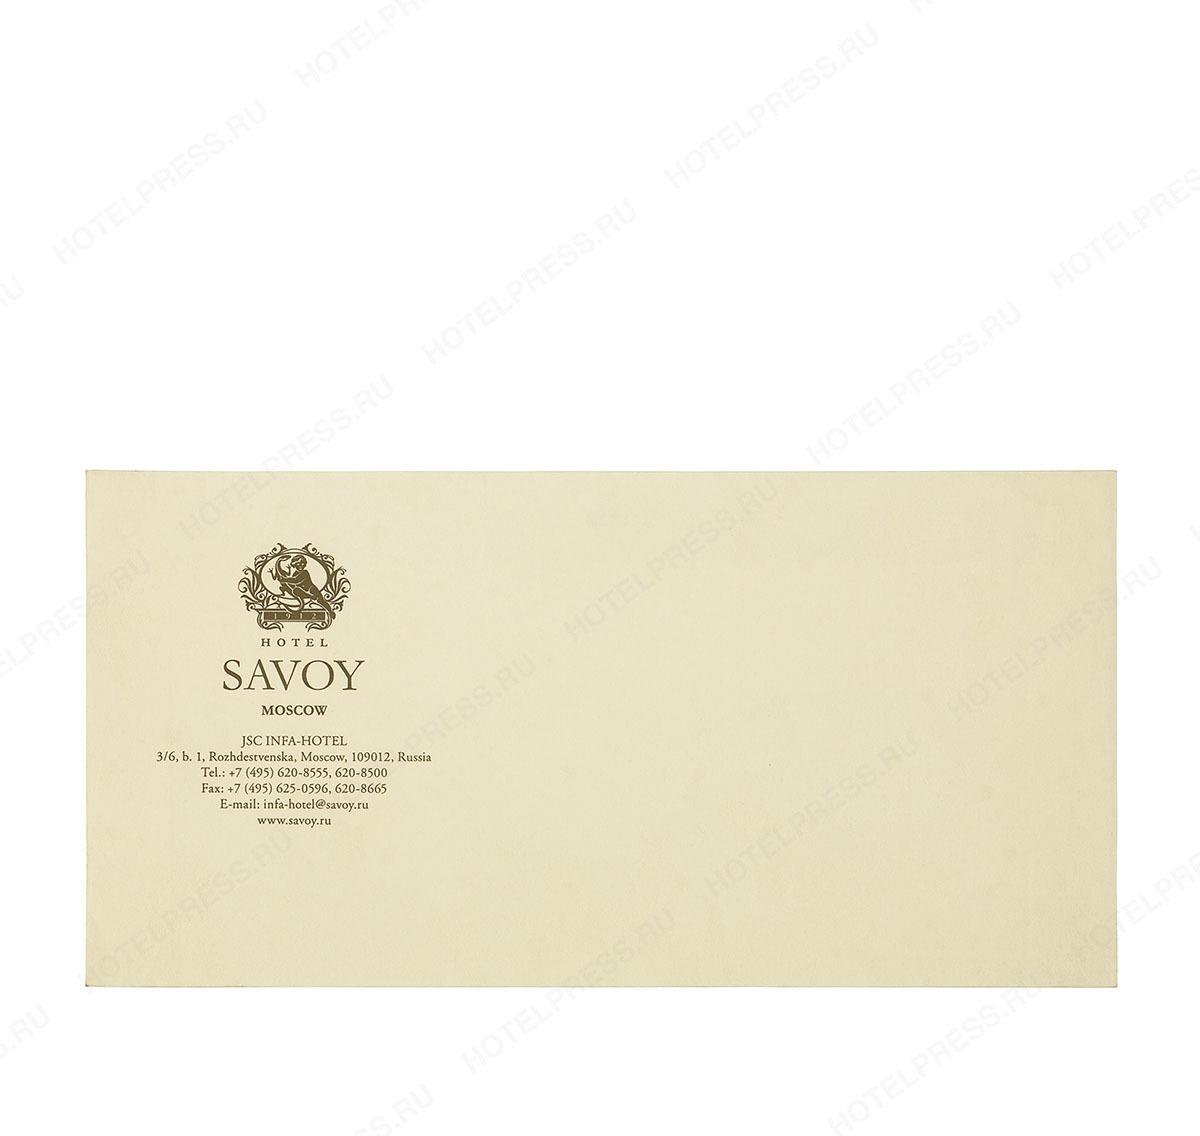 Евроконверт с логотипом отеля SAVOY